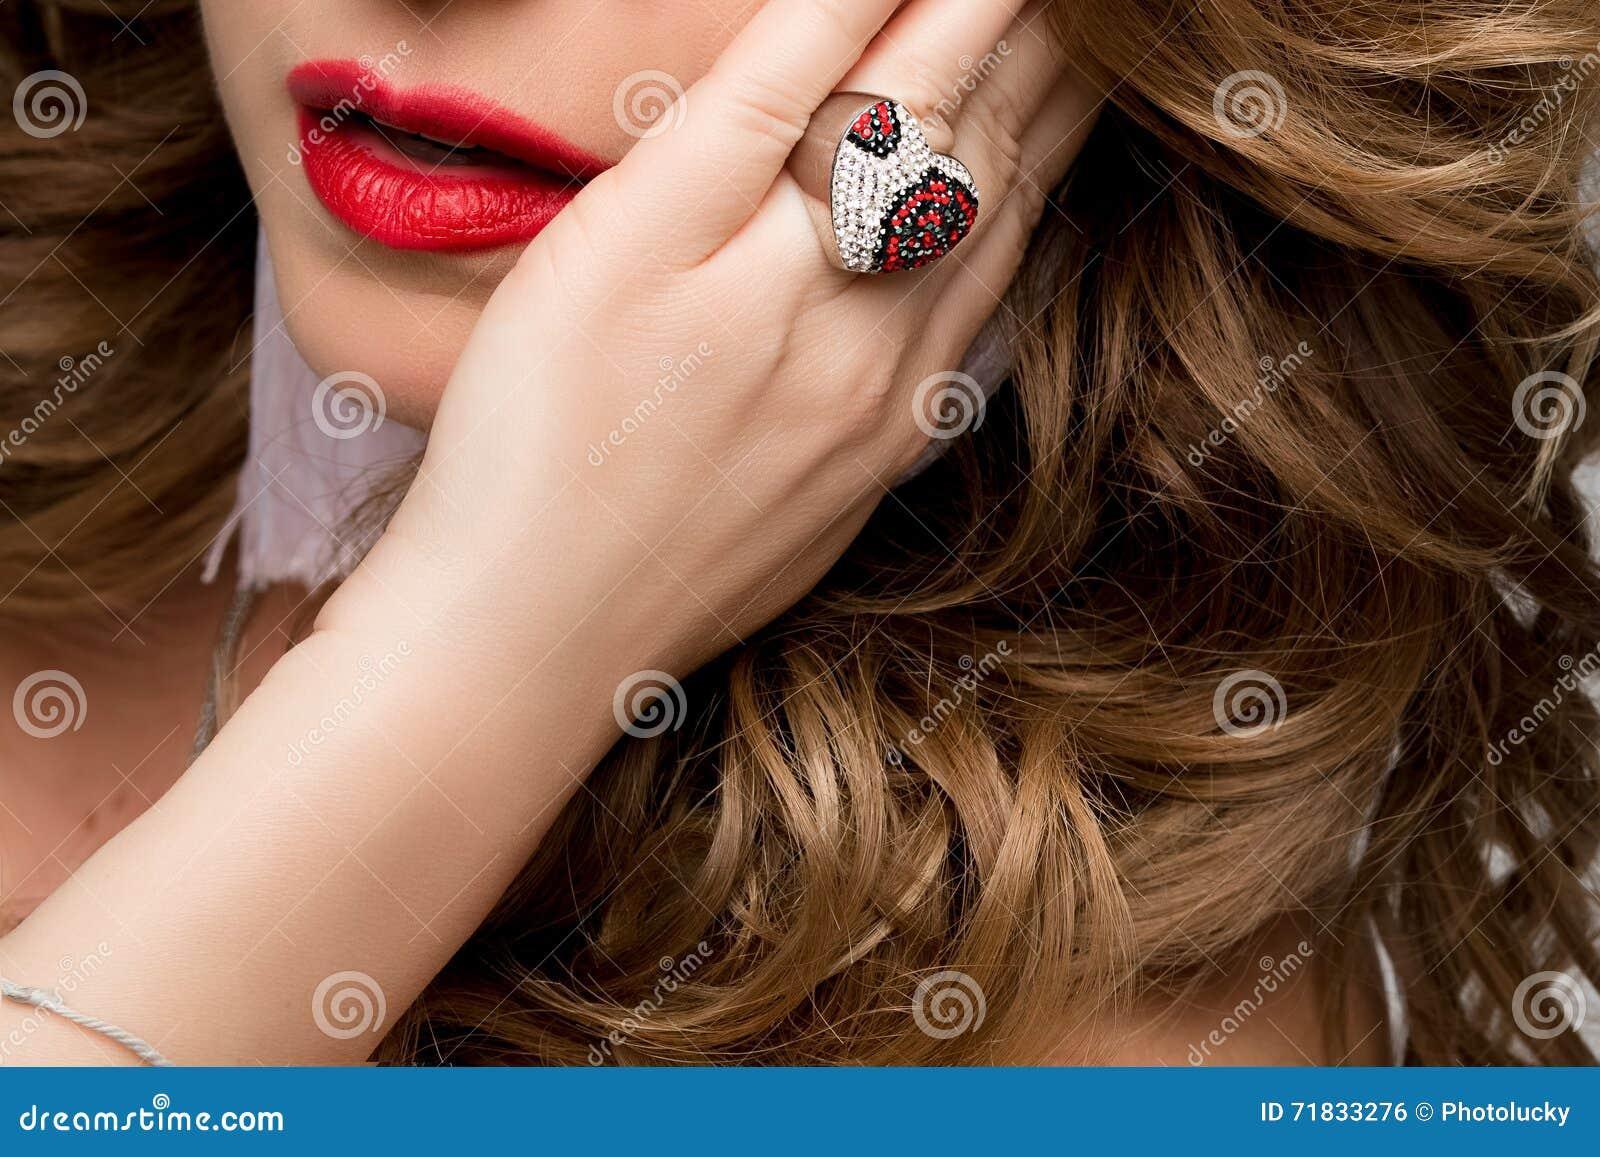 Ein großes Porträt der Lippen und der Hand einer Frau mit dem Ring Ring mit Edelsteinen, Silber und Rot Gesicht, rote Lippen